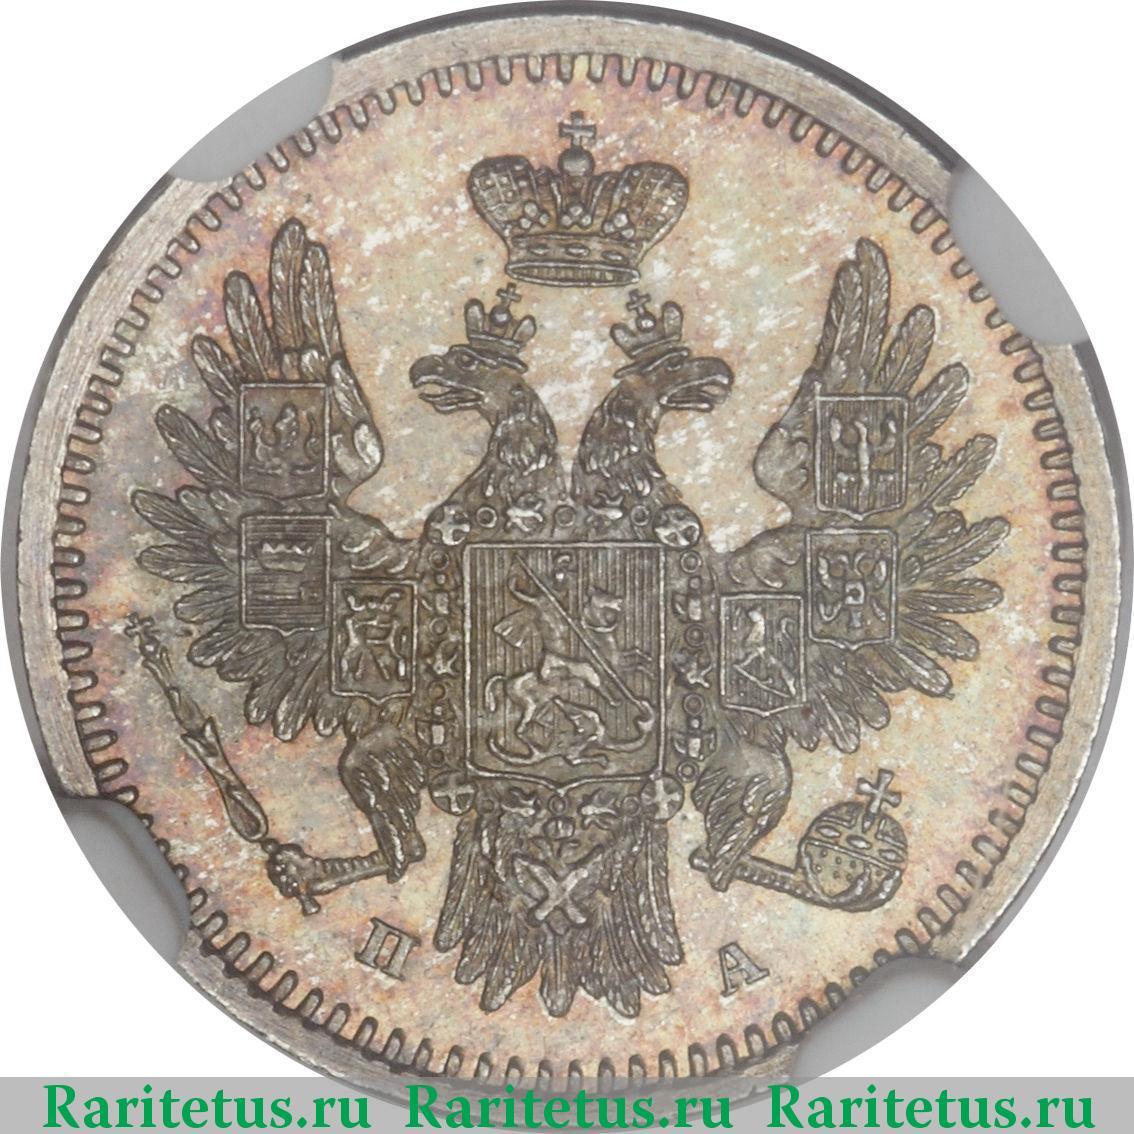 5 копеек 1850 года цена серебро где появились бумажные деньги